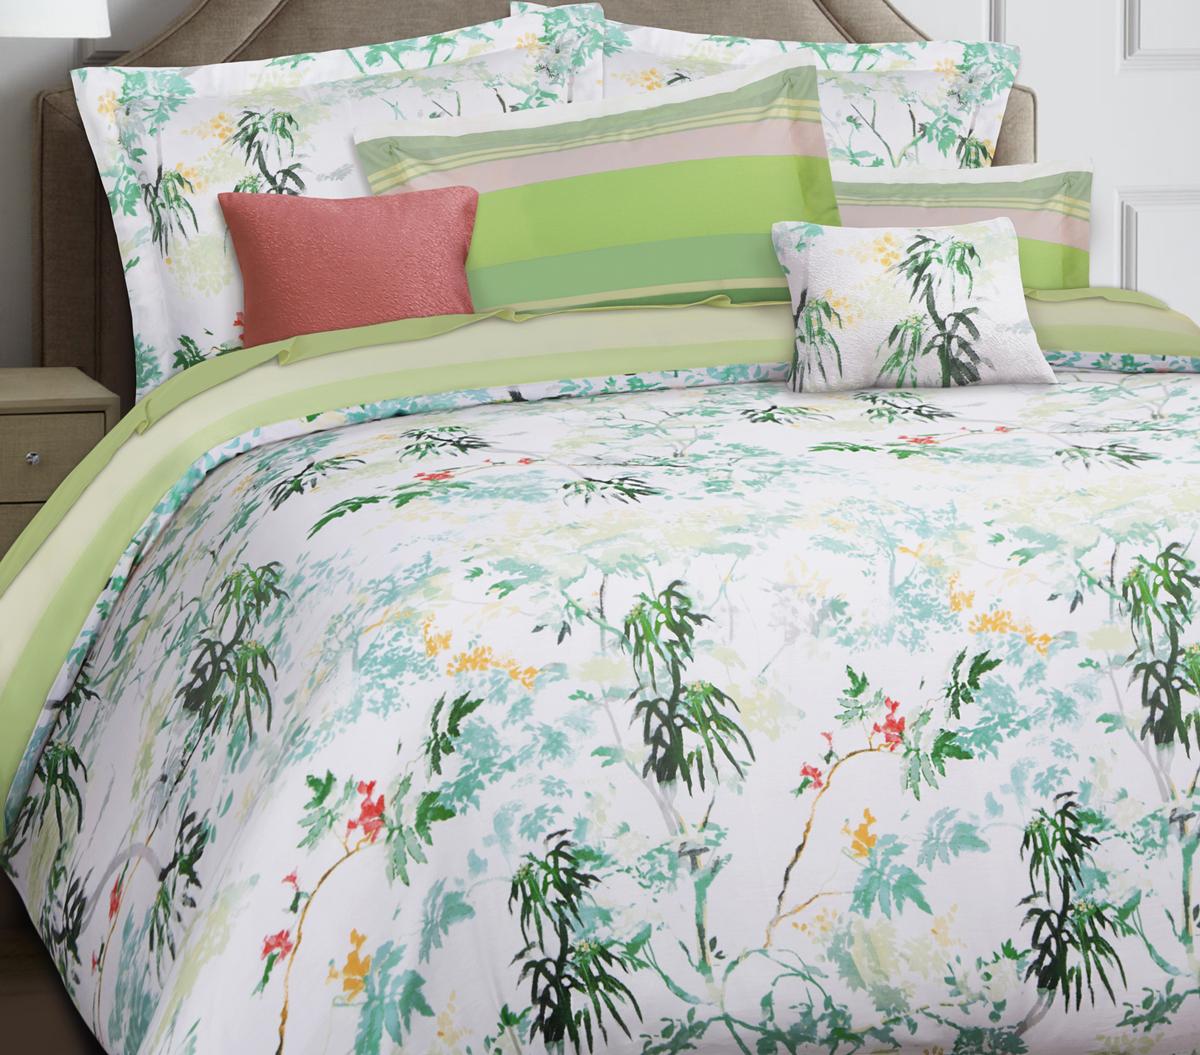 Комплект белья Mona Liza Premium Atelier 4 Seasons, семейный, наволочки 50х70, 70х70. 5045-003 комплект полутораспальный mona liza nensy